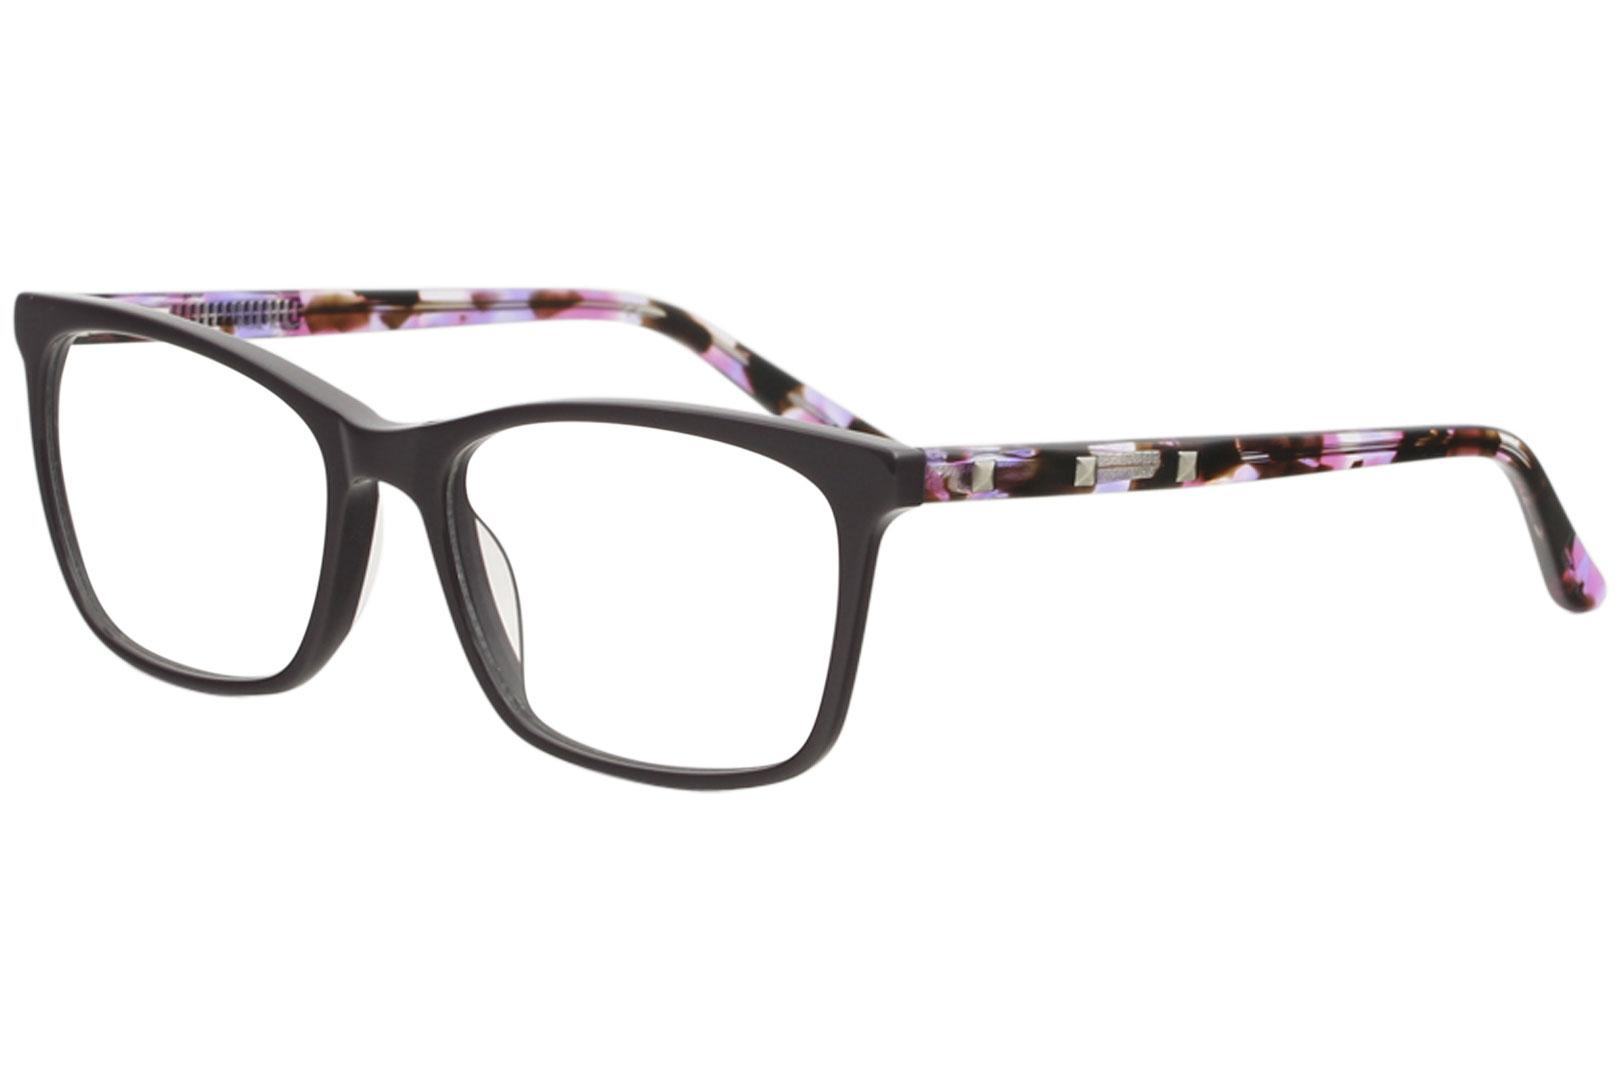 457b4af88c Nicole Miller Women s Eyeglasses NMAntwerp Full Rim Optical Frame by Nicole  Miller. 12345